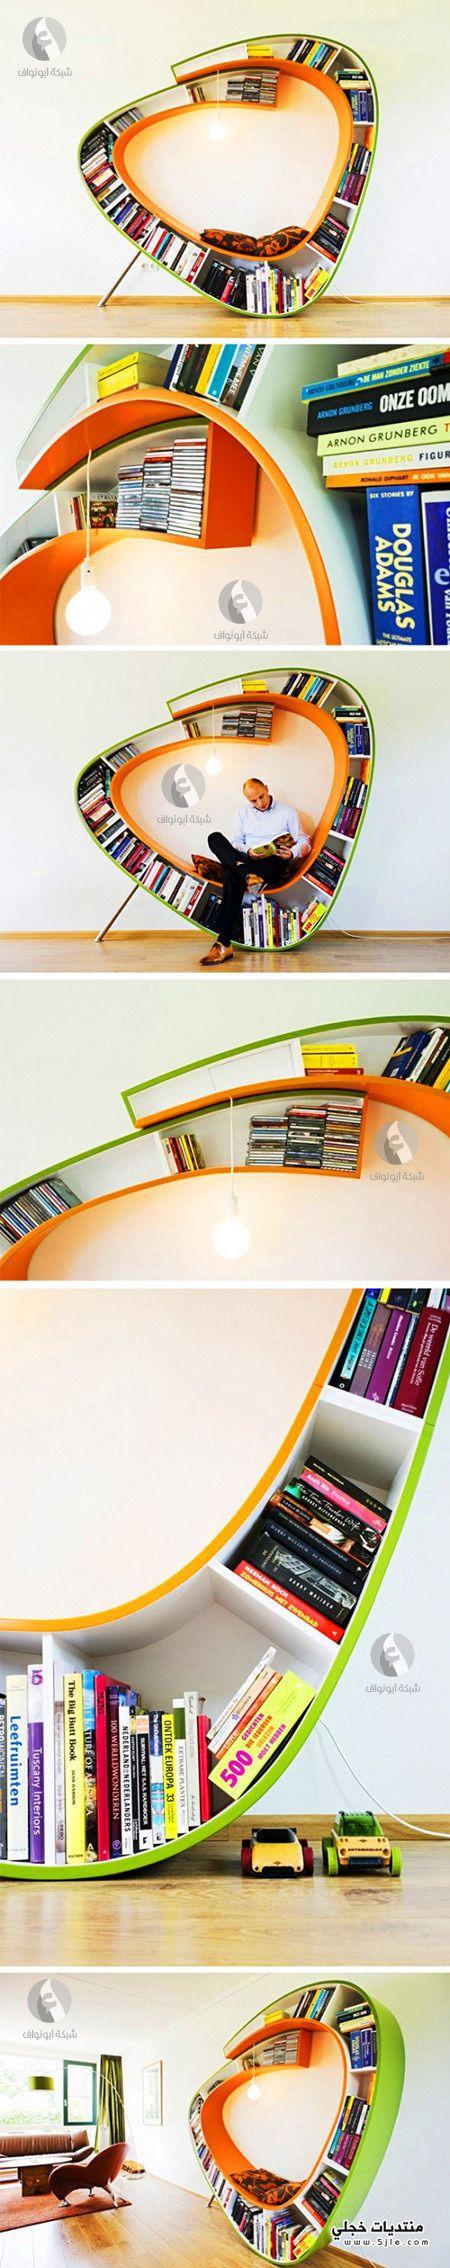 ديكورات مكتبة 2014 ديكورات مكتبة